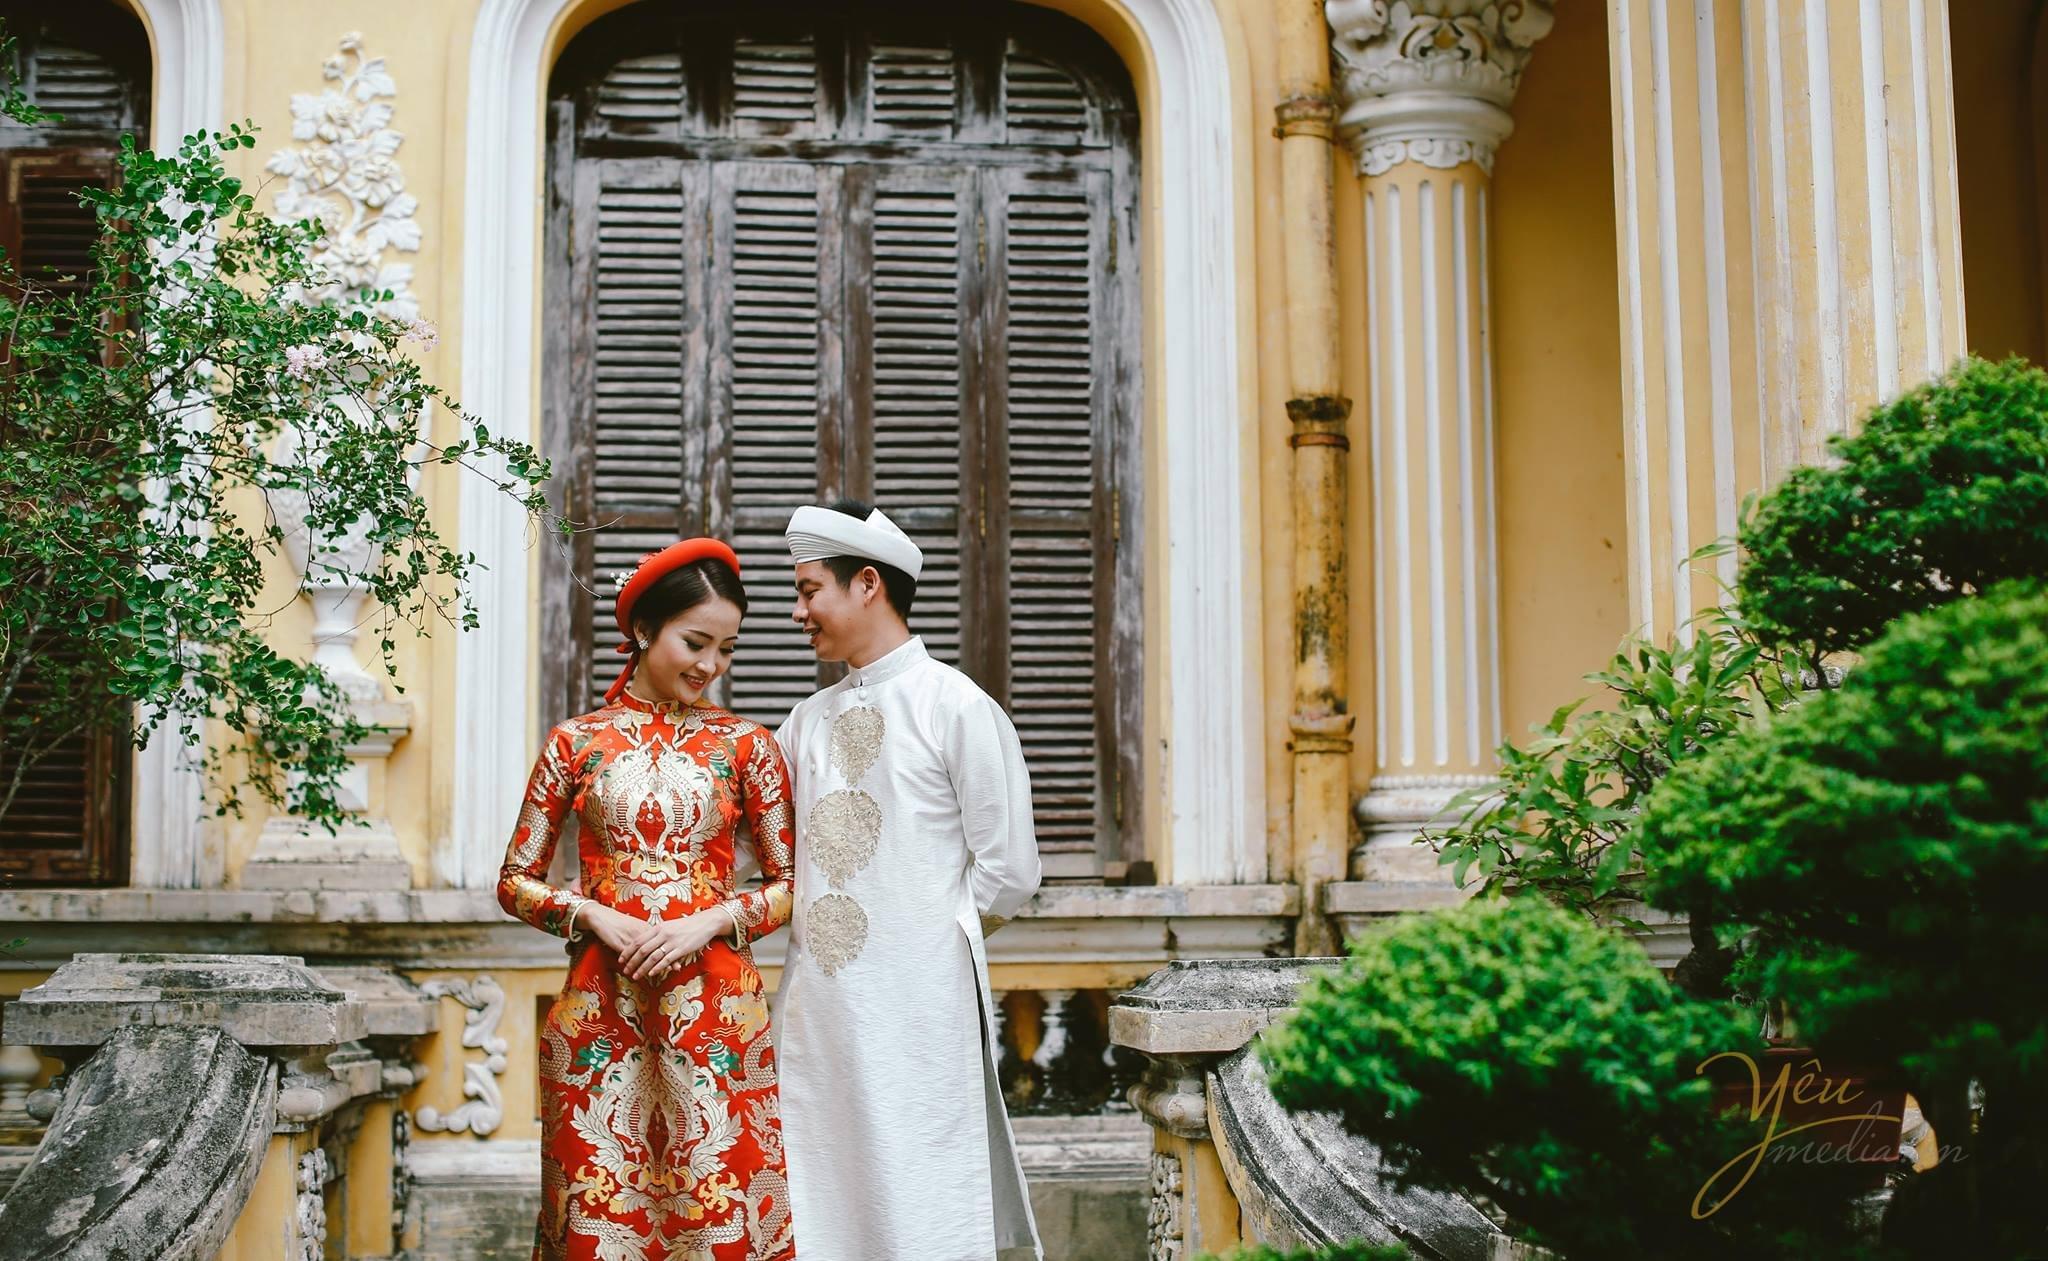 ảnh cưới chụp cô dâu chú rể mặc áo dài gấm vấn khăn cổ truyền